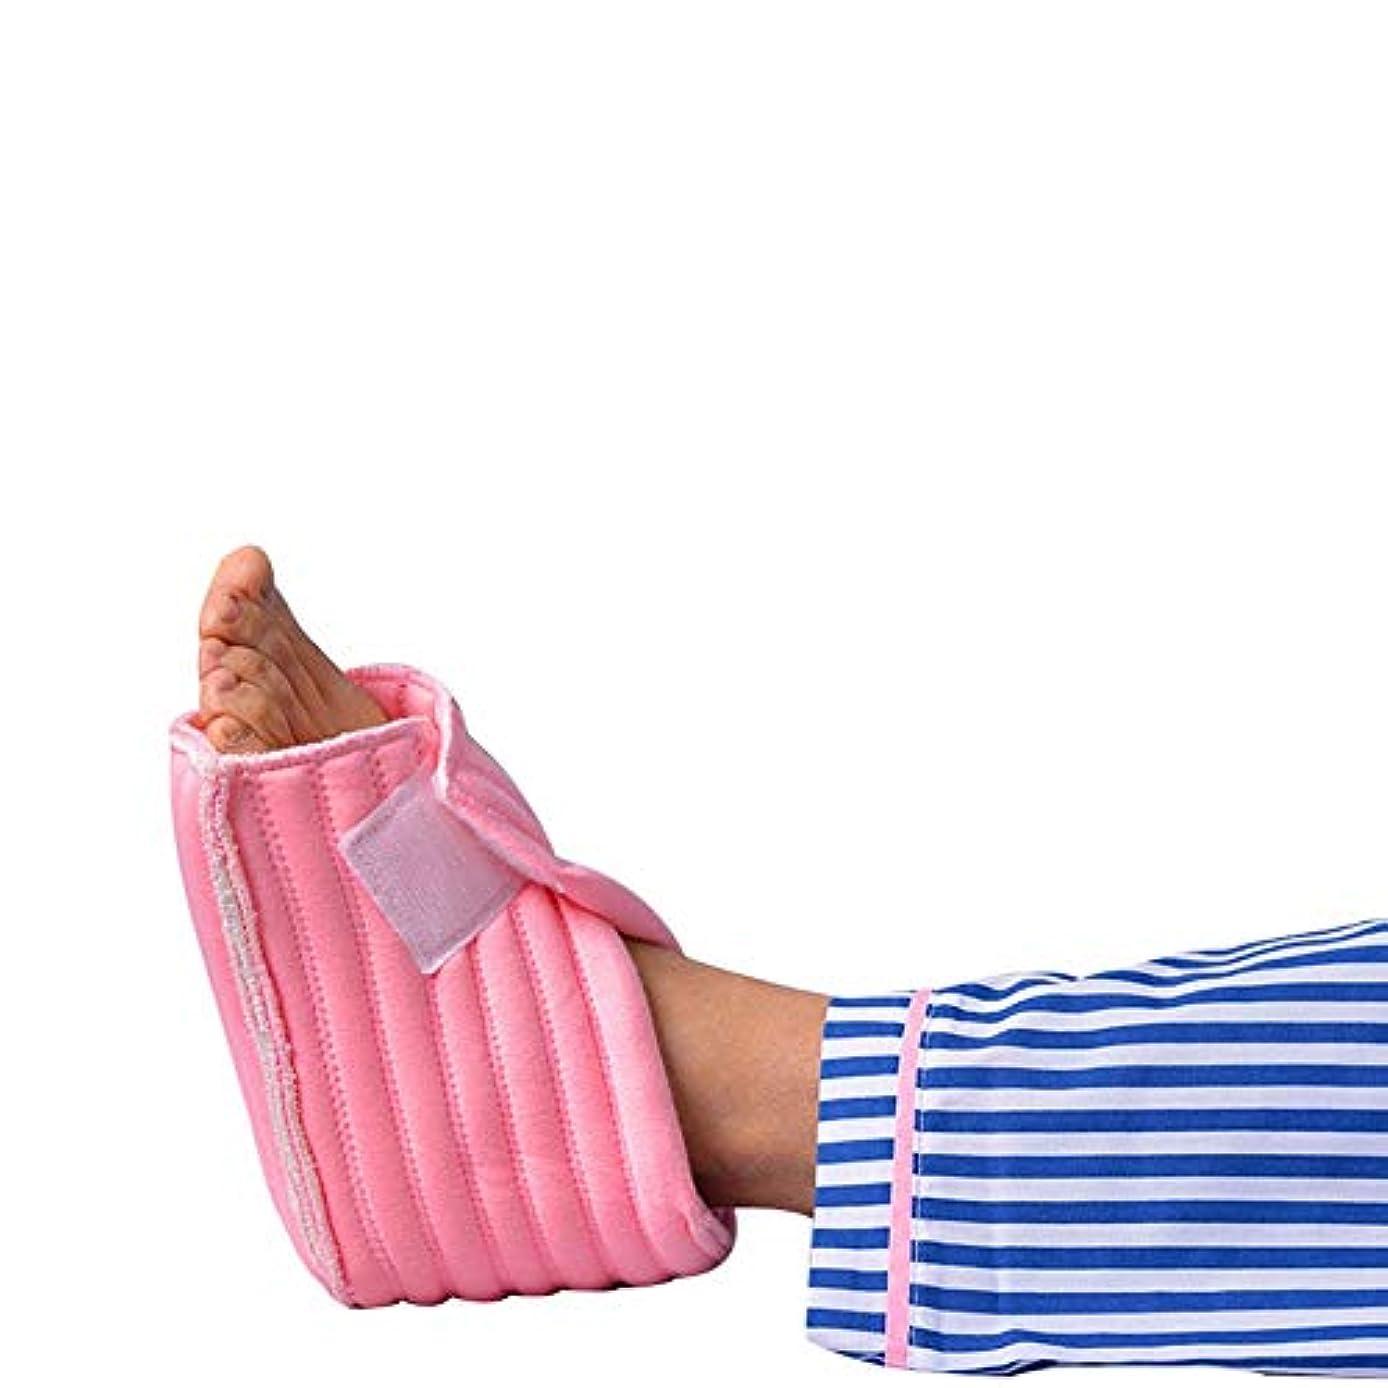 可動式魅了する提供されたヒールクッションプロテクター、一対の足枕かかと褥瘡をパッド通気性水分吸上コア